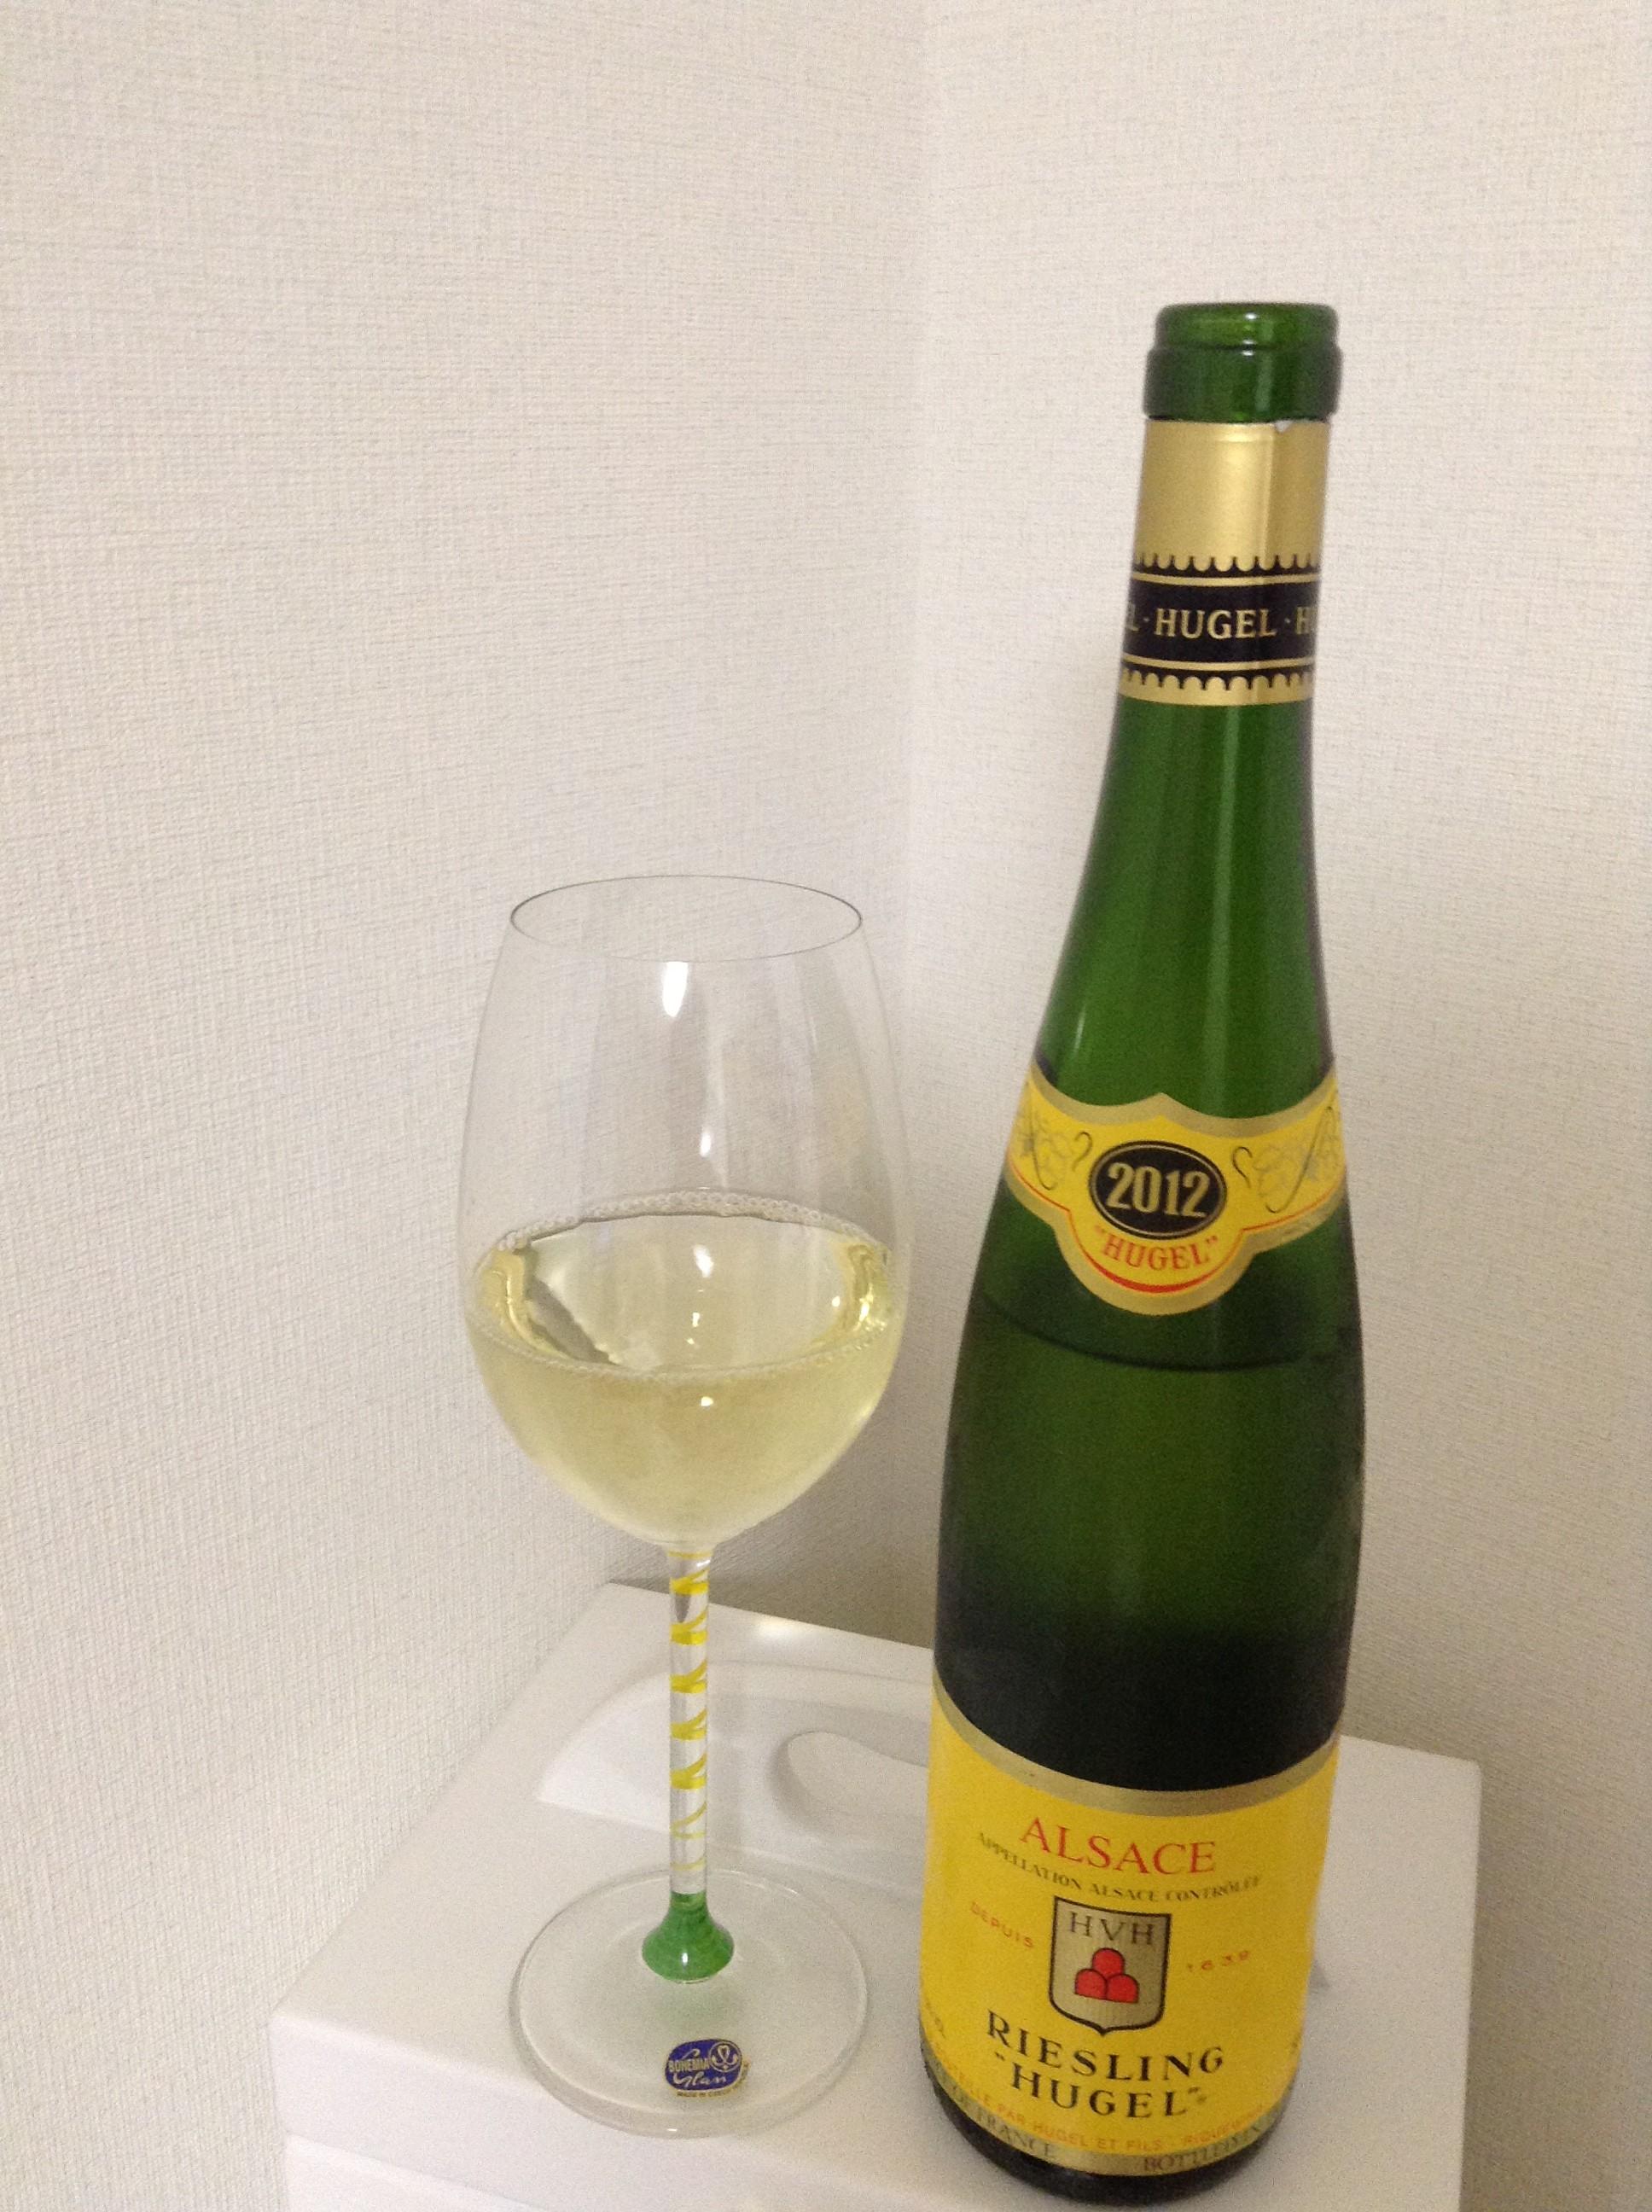 ワイングラスに注いだヒューゲル・リースリング